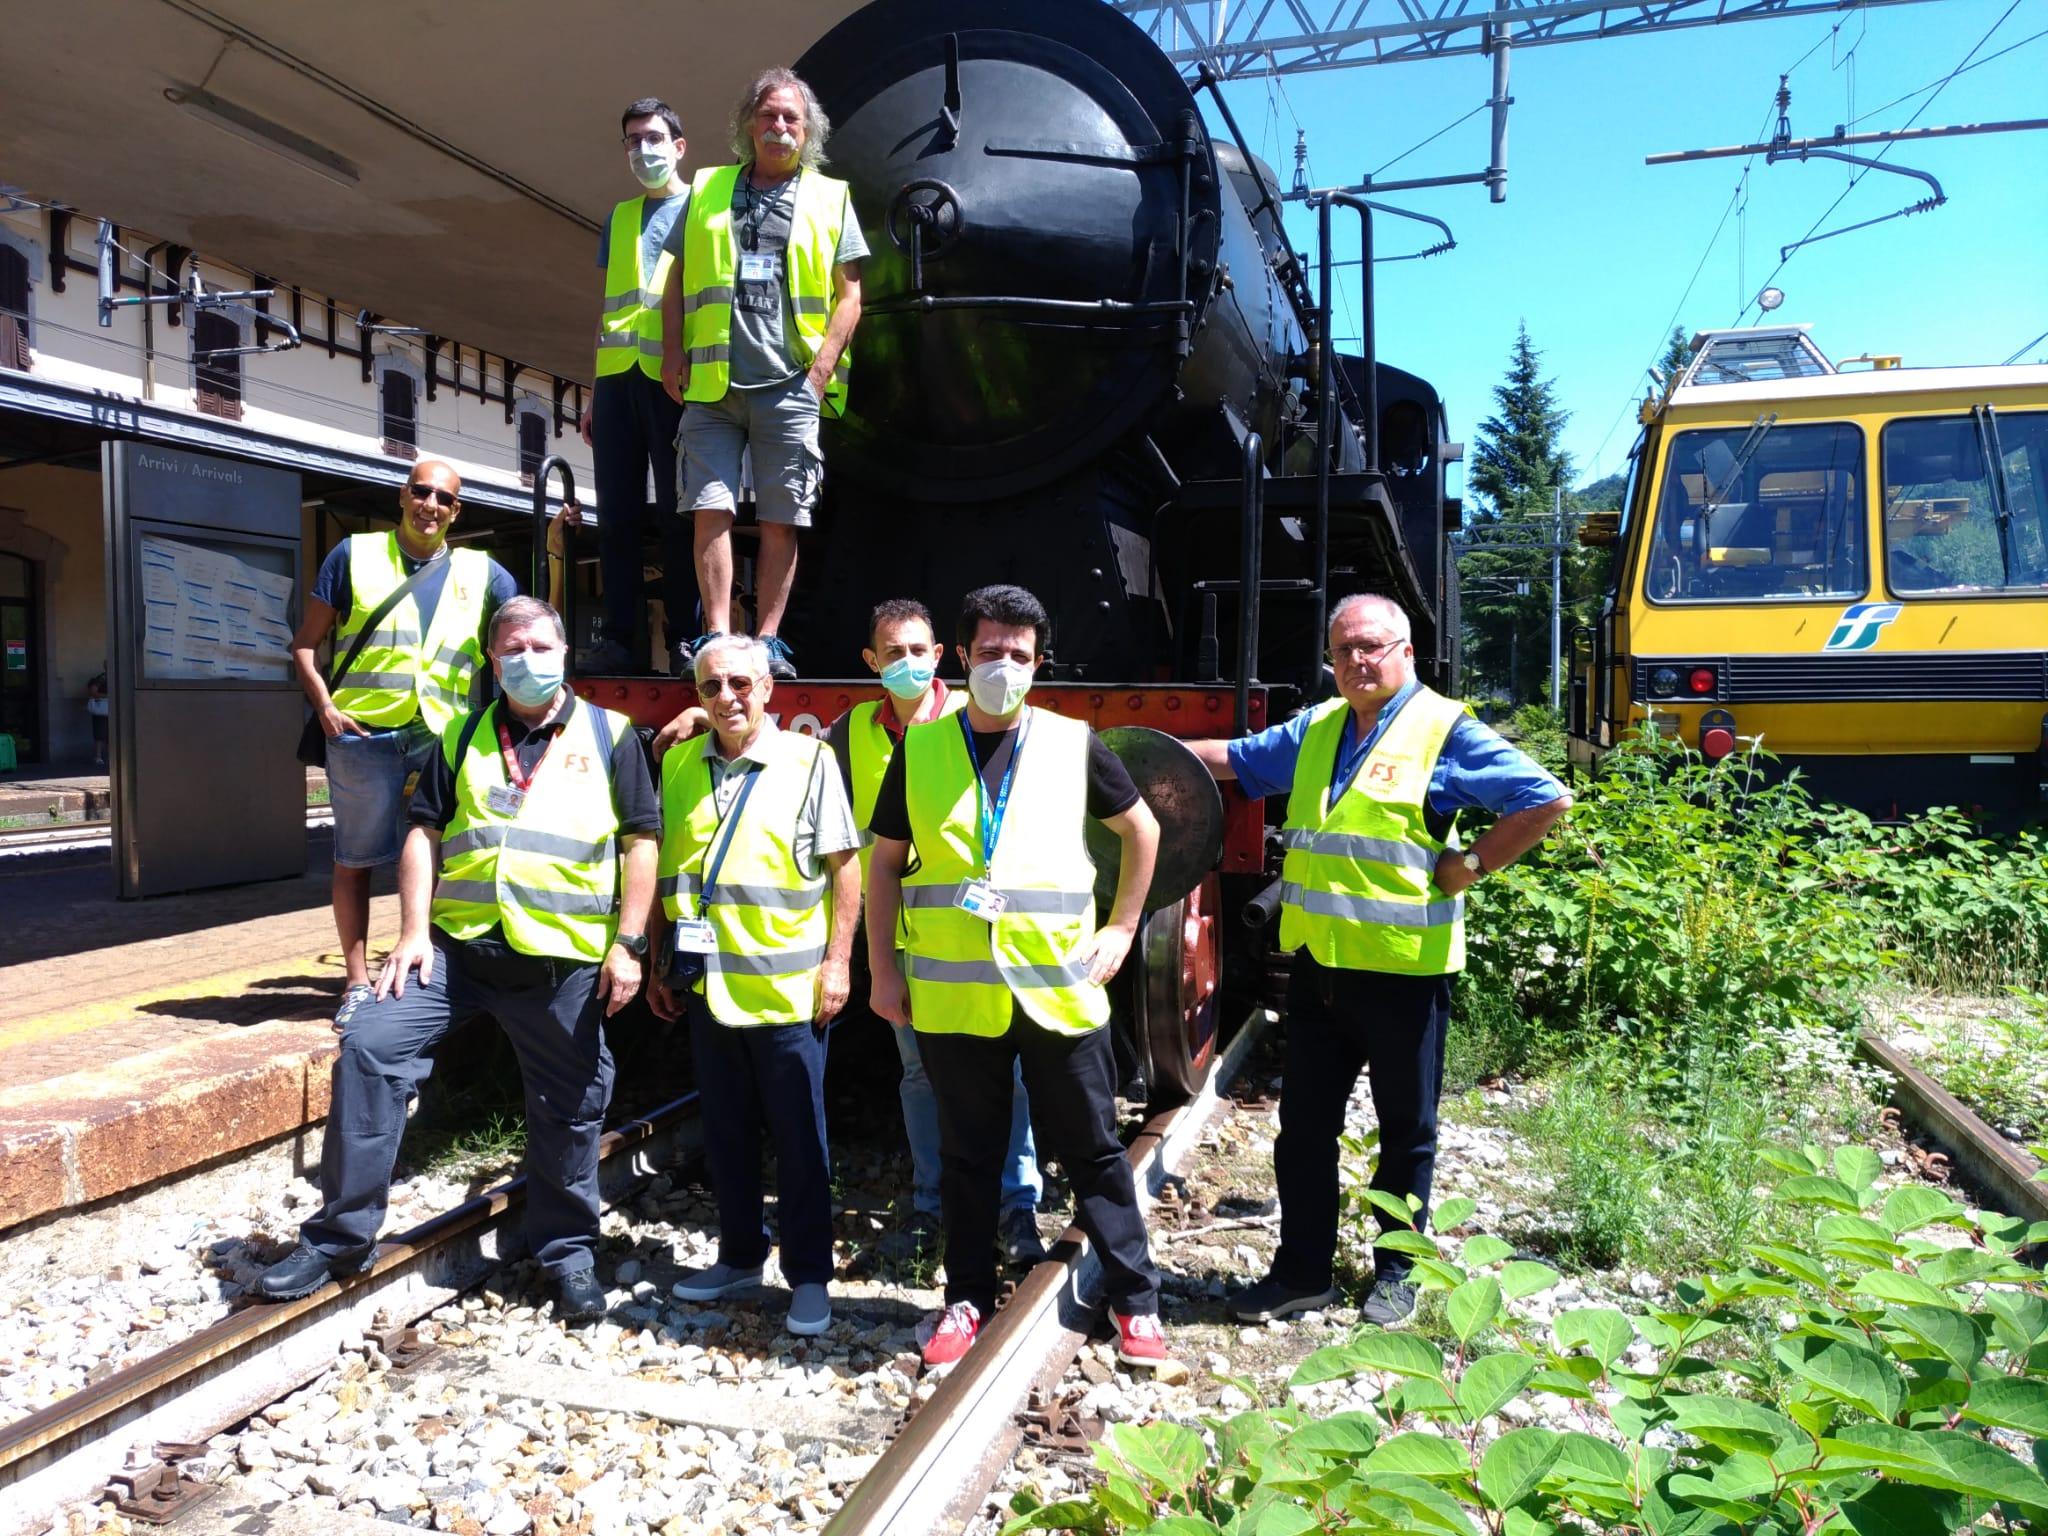 Treno Storico Milano C.le - Stresa - Squadra Operativa ARSMS in servizio